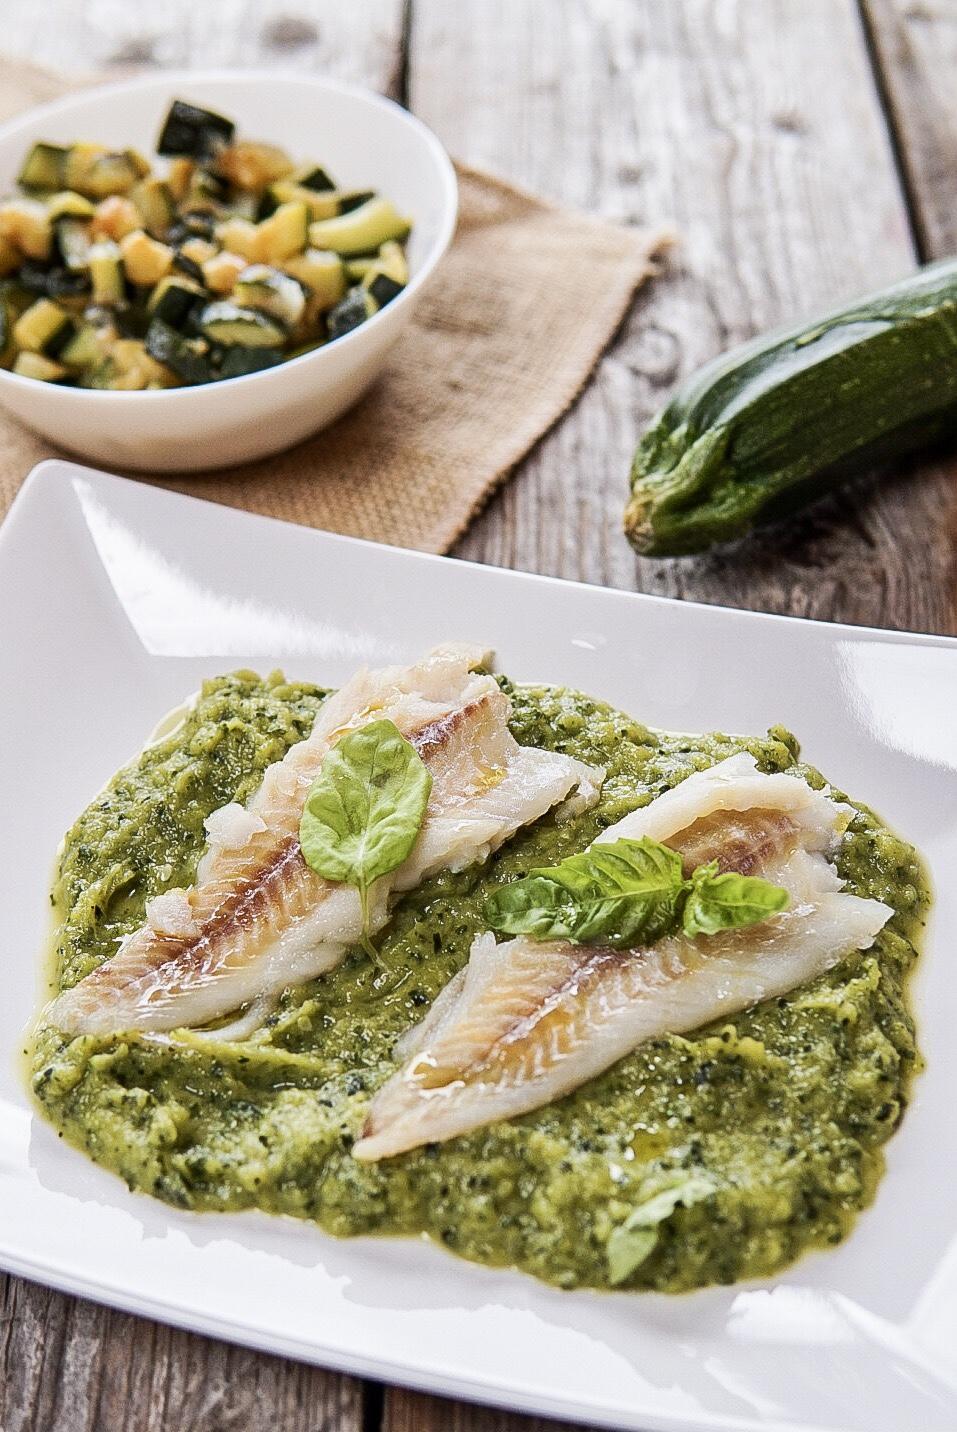 Filetti Di Merluzzo Al Vapore Su Crema Di Zucchine Basilico Secco